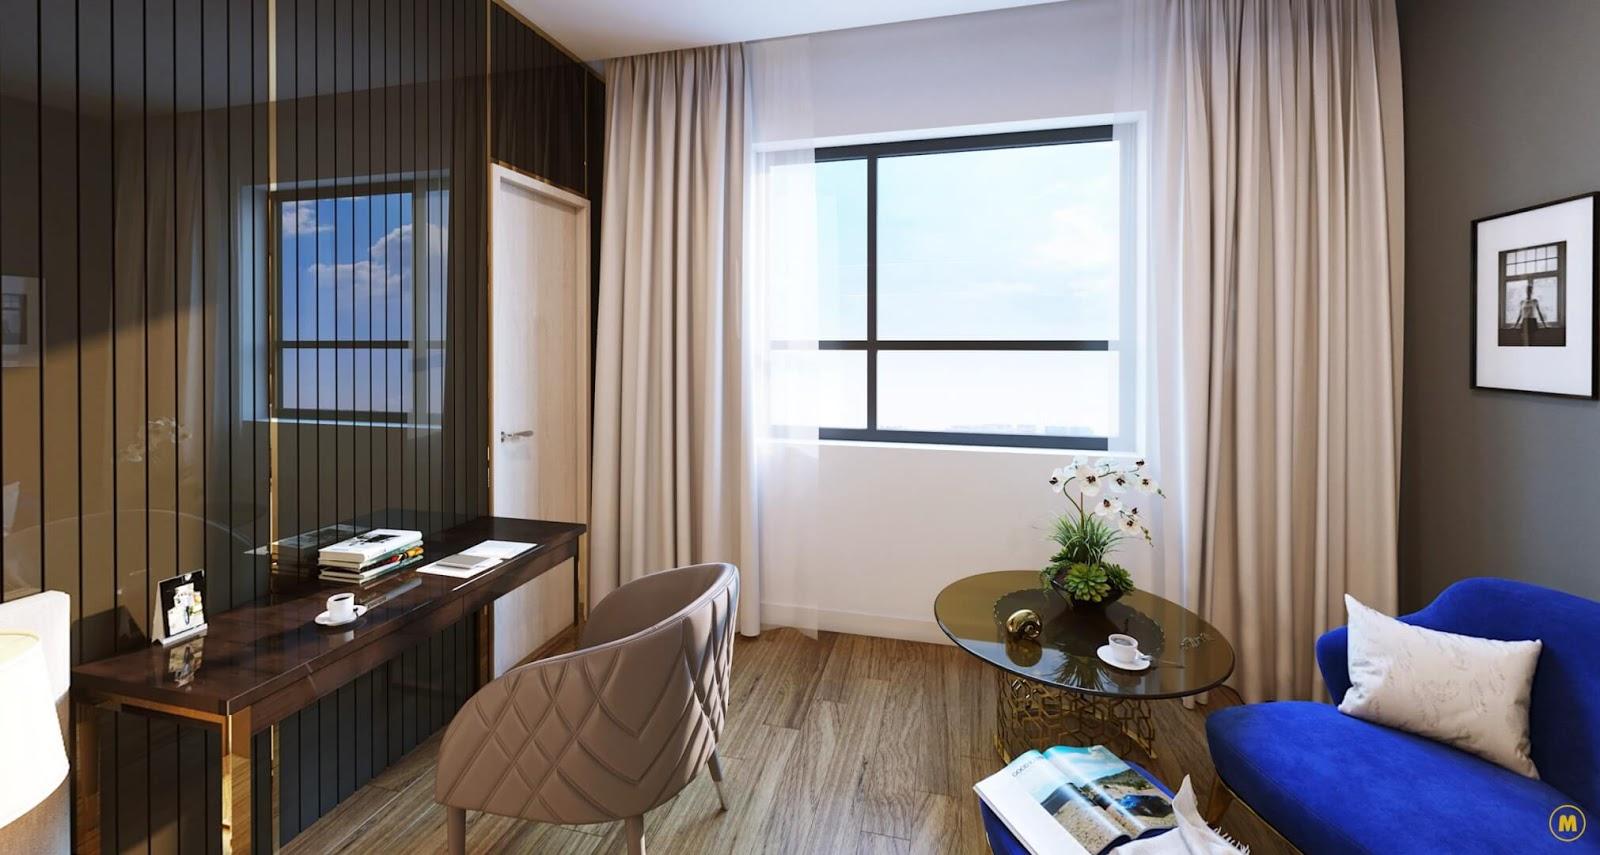 Không gian phòng ngủ Amber Riverside thiết kế thoáng đãng